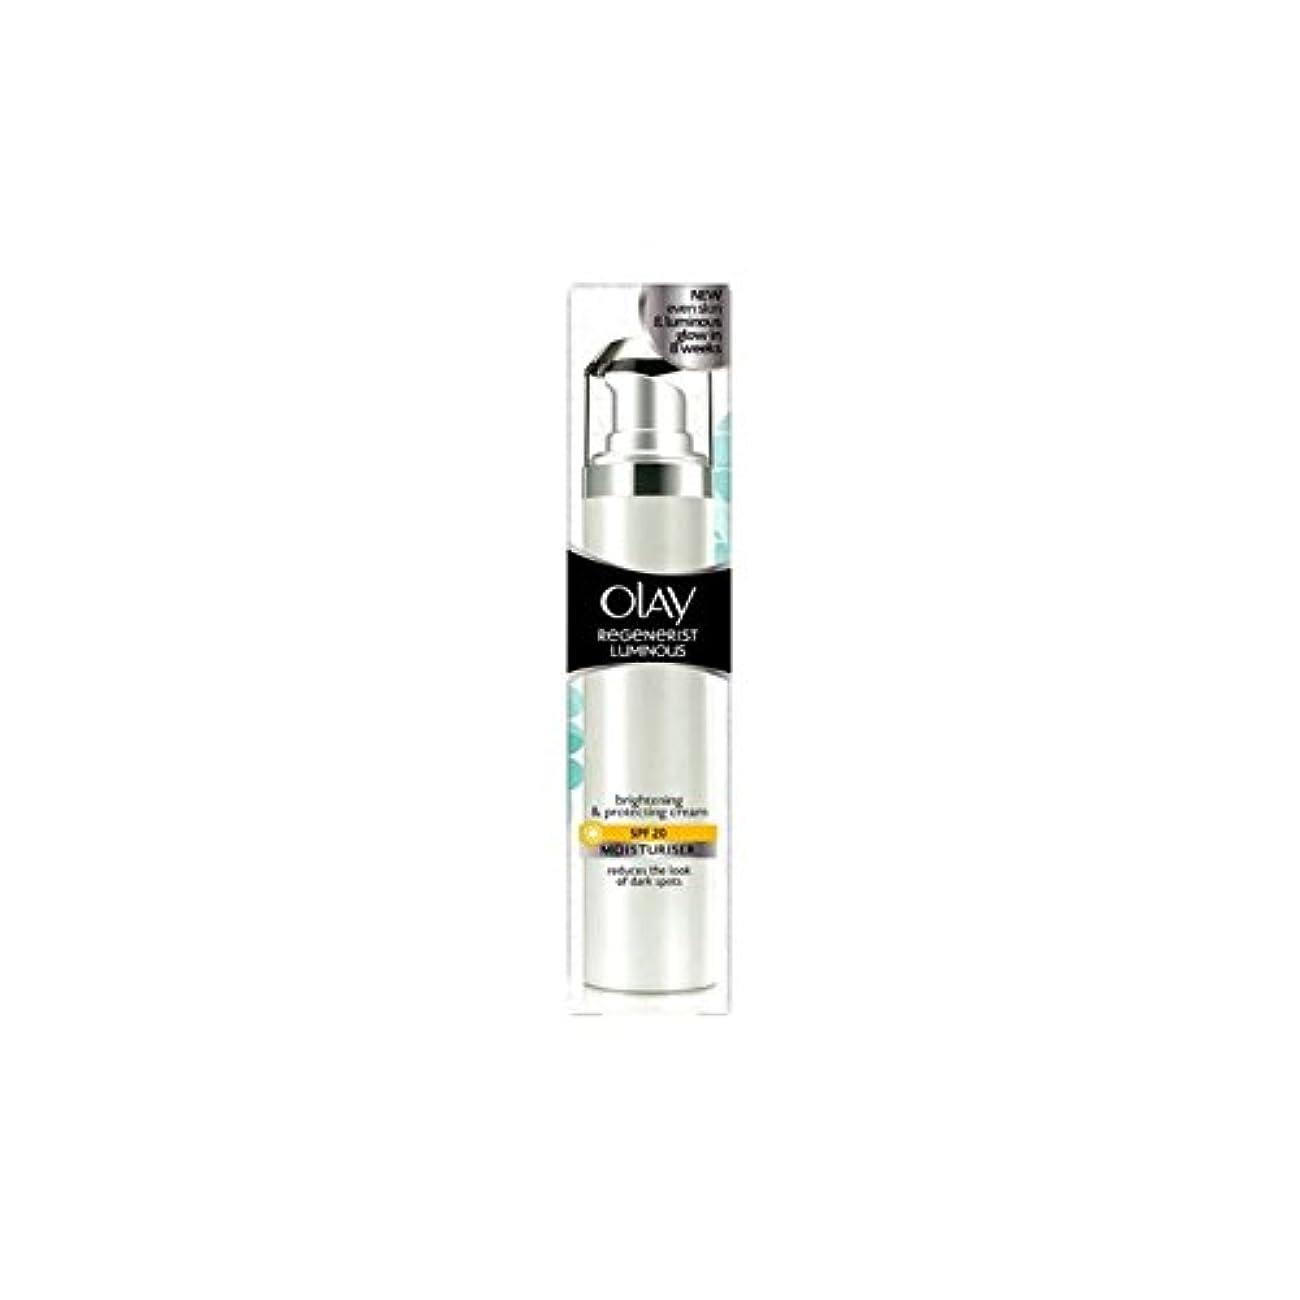 余暇なめらかなジェムオーレイリジェネ発光デイクリーム20(50ミリリットル) x2 - Olay Regenerist Luminous Day Cream Spf20 (50ml) (Pack of 2) [並行輸入品]